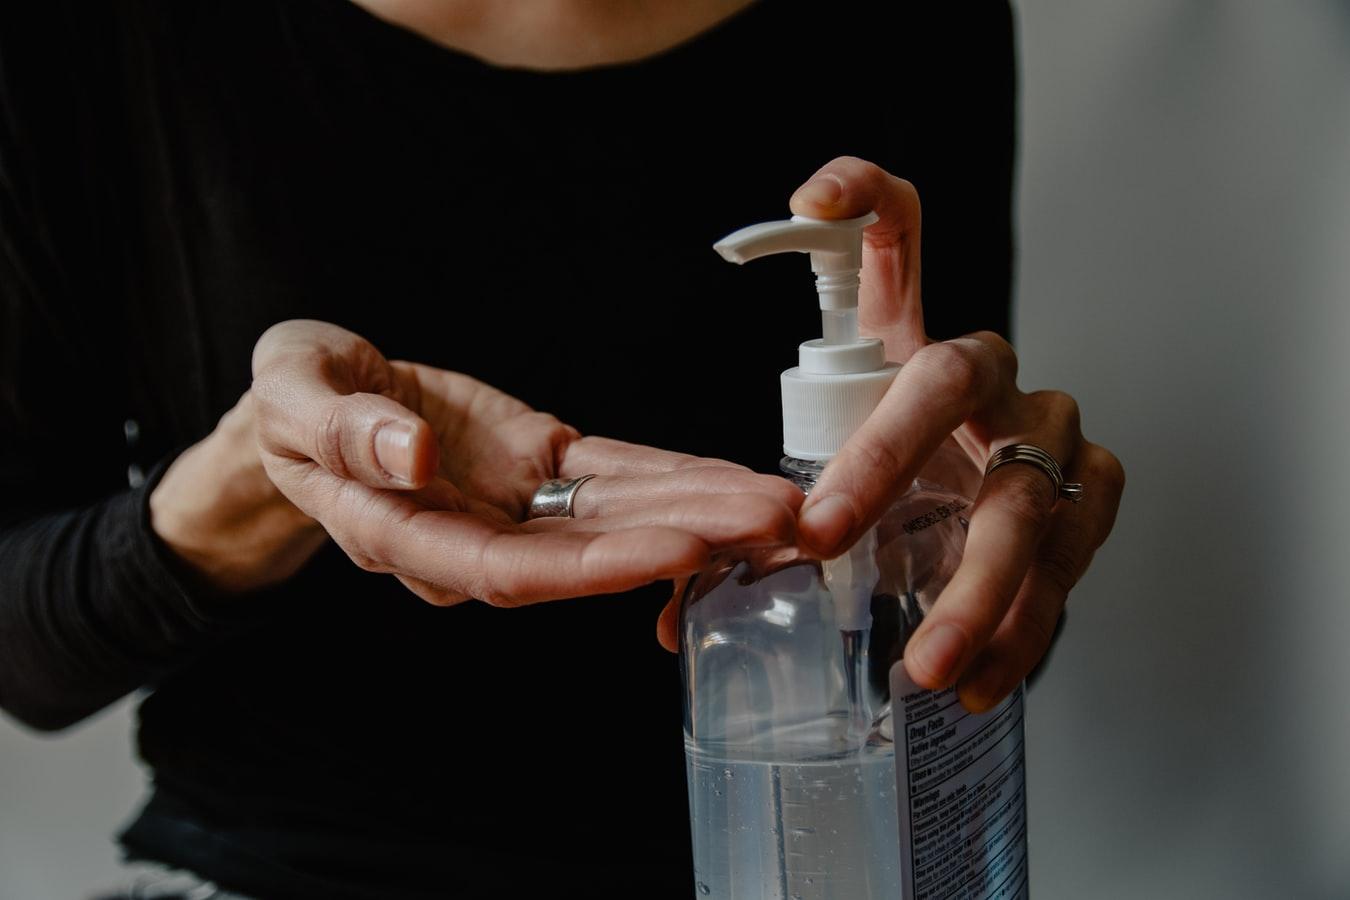 Desinfektionsmittel herstellen cazami